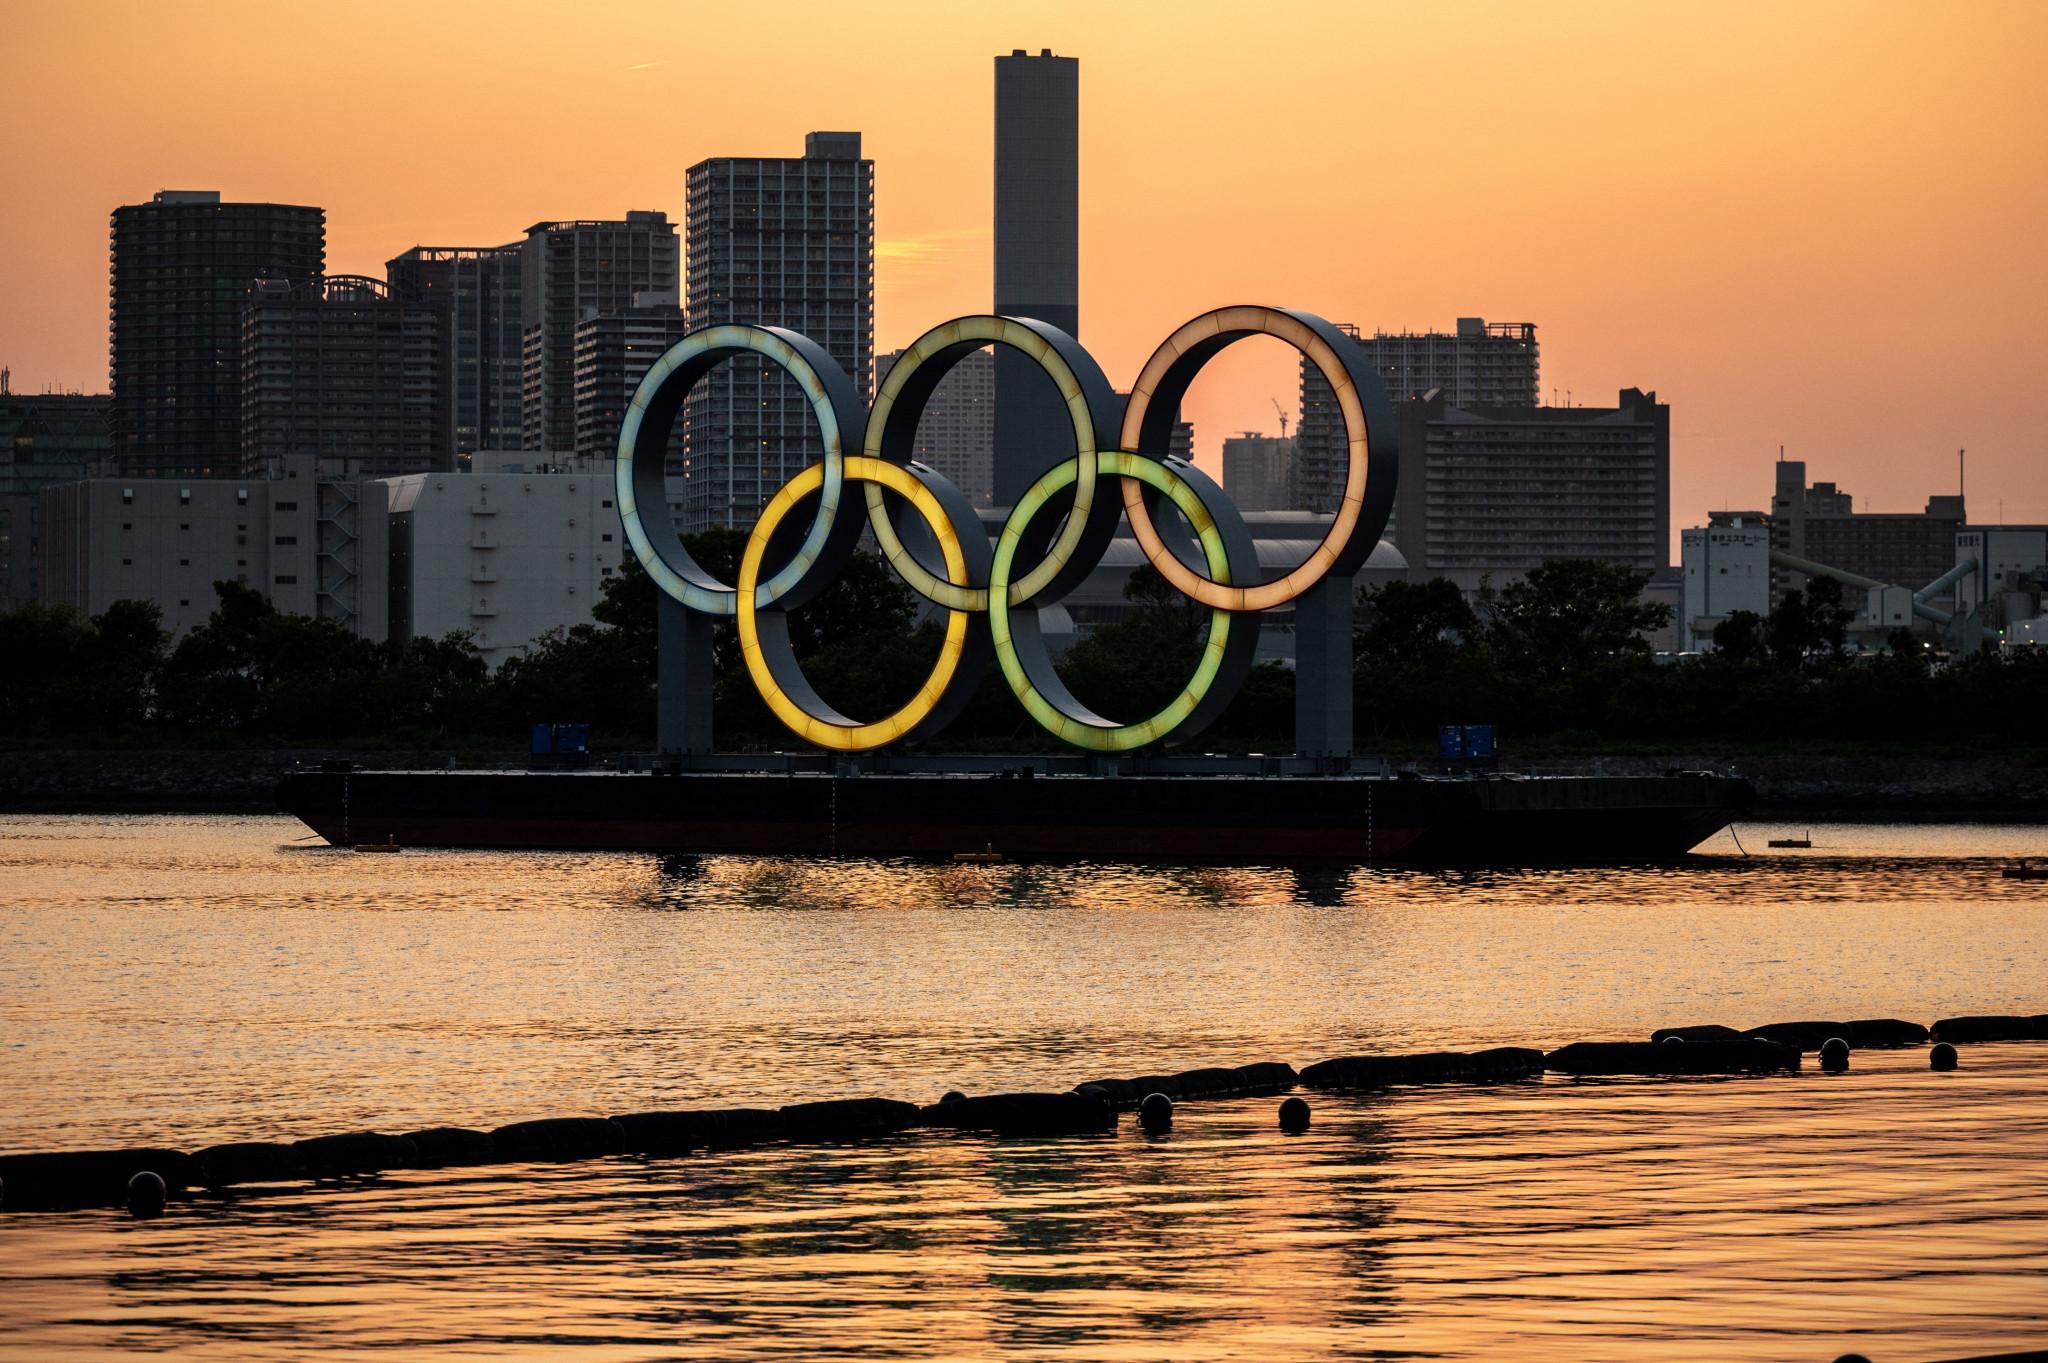 Japón buscará más pruebas participantes de Tokio 2020 antes de su llegada